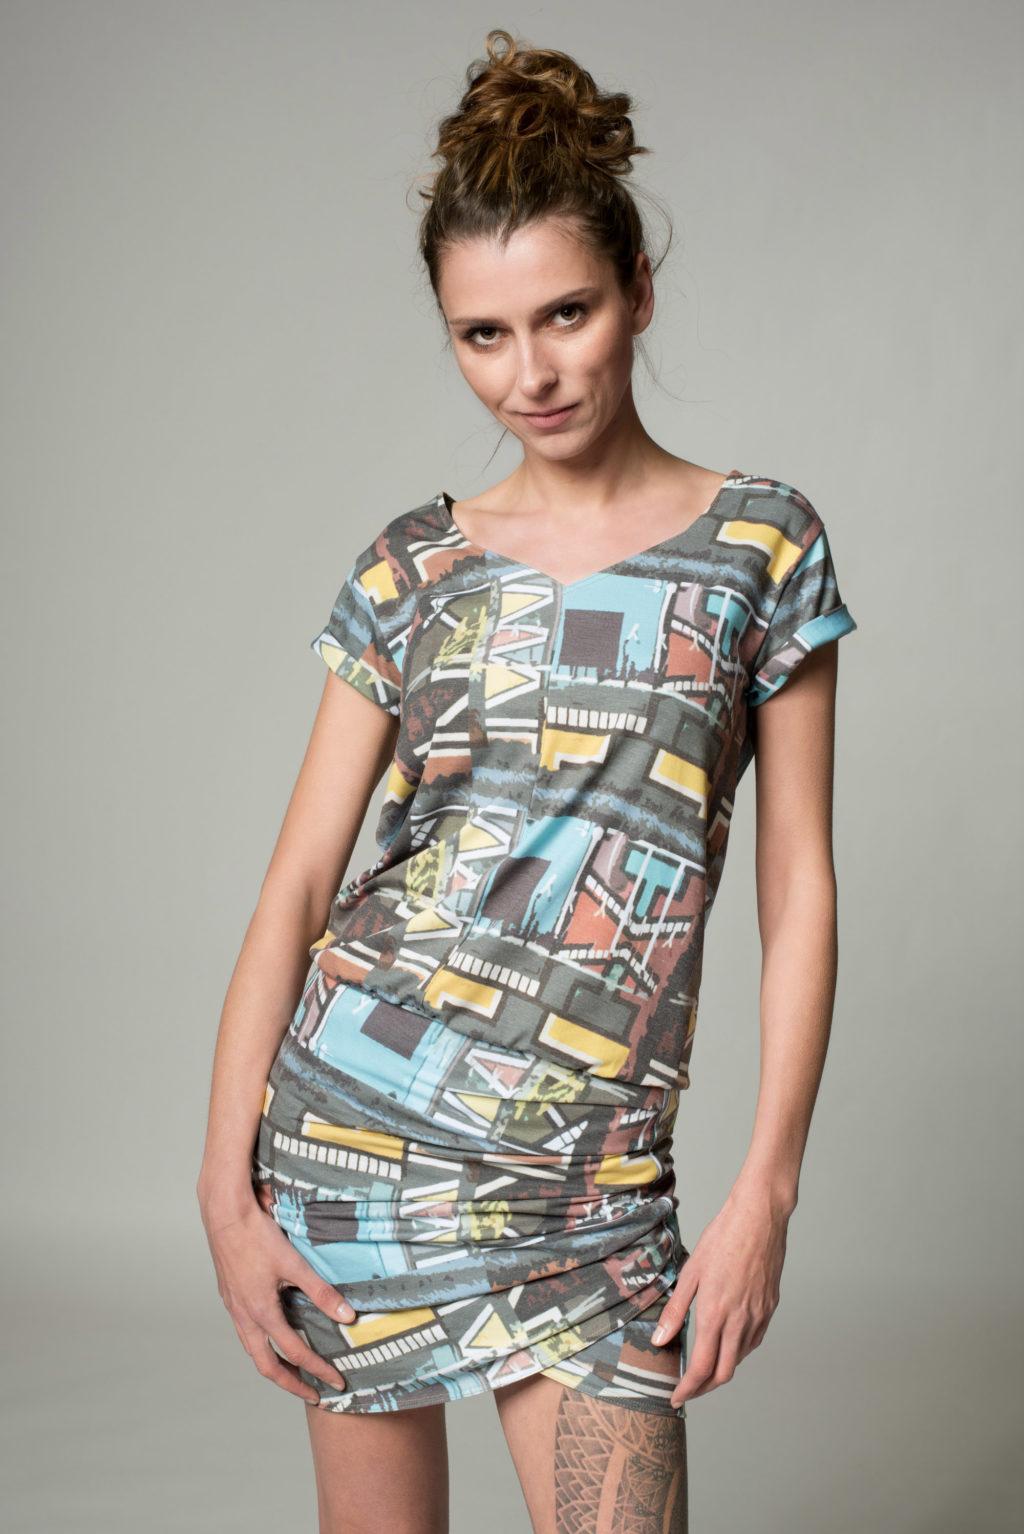 Frontansicht des drapierten Kleides Vibes mit geometrischen Mustern bedruckt un dmit V-Ausschnitt und Krempelärmeln. Kleid endet über dem Knie.